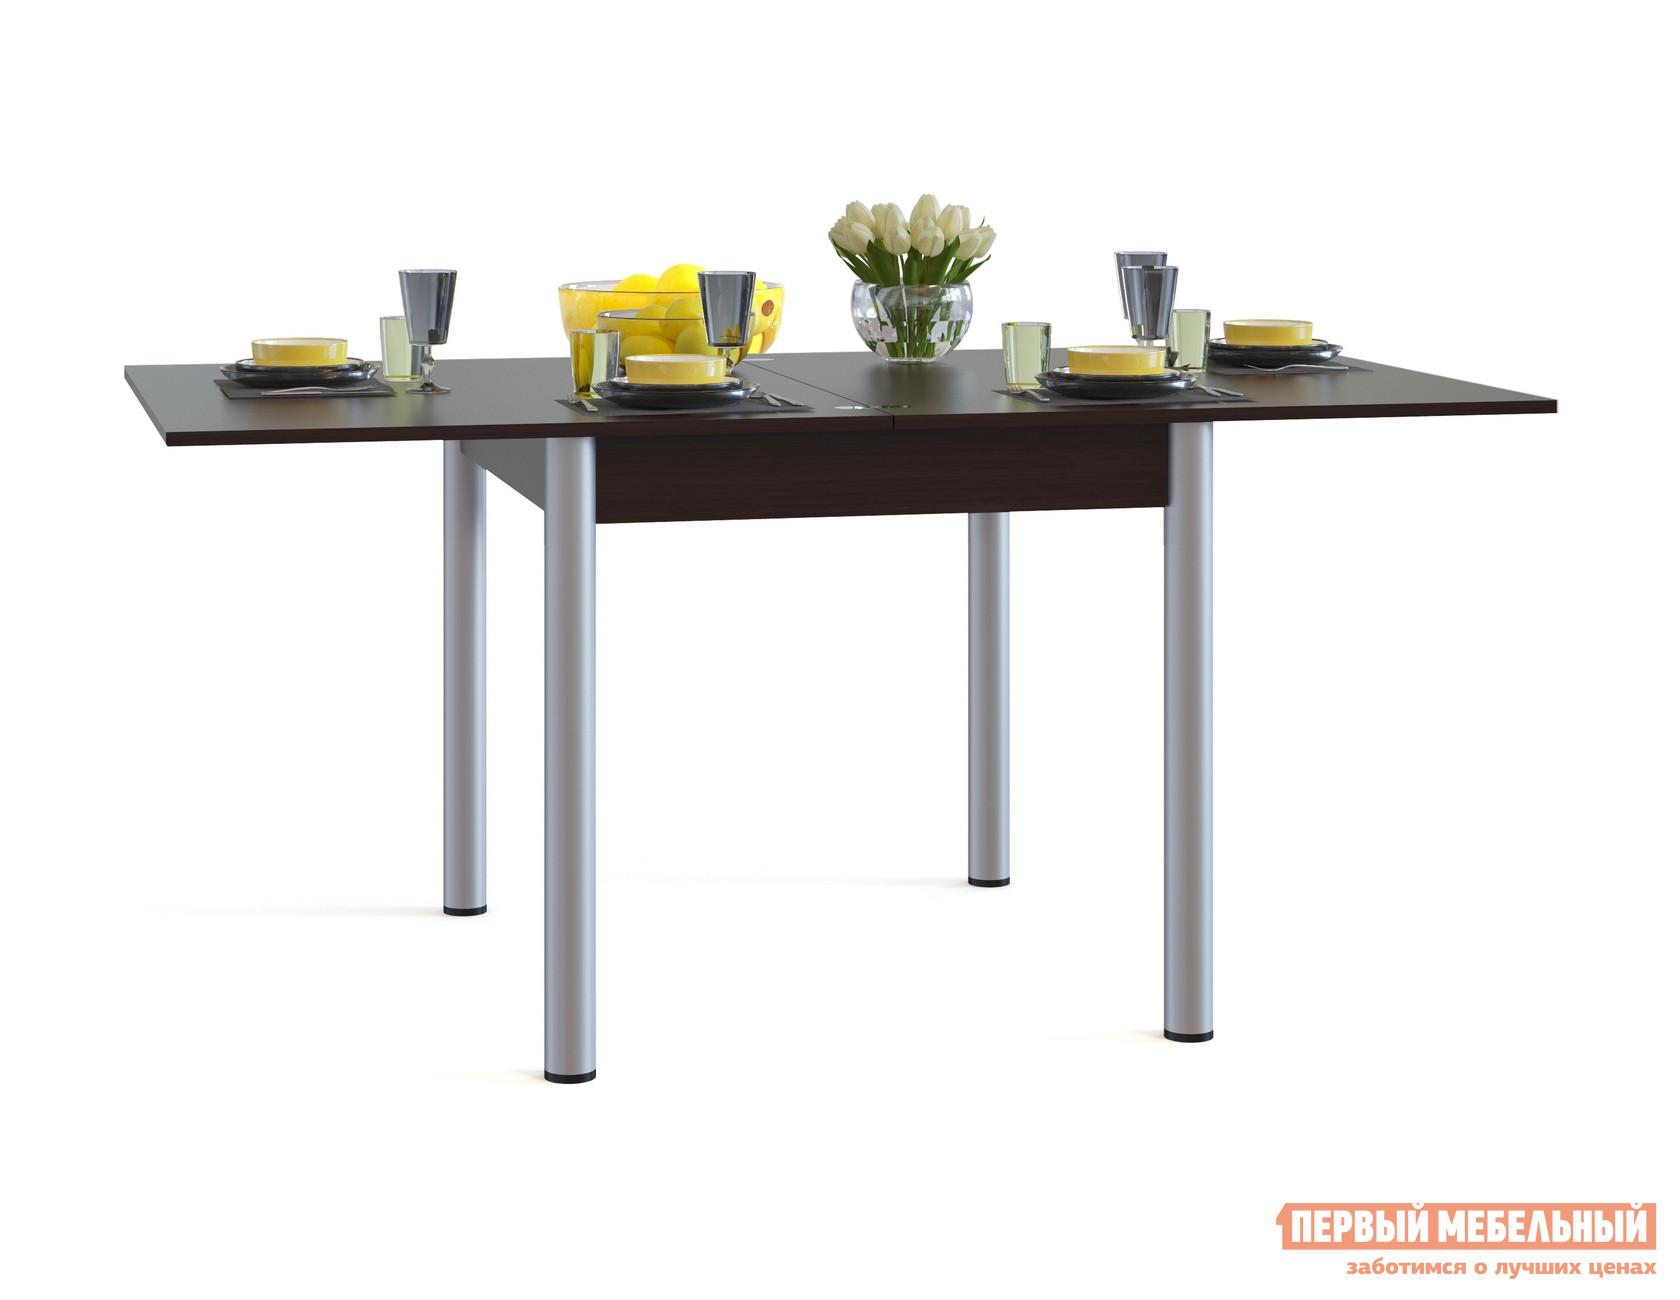 Кухонный стол Сокол СО-2м ВенгеКухонные столы<br>Габаритные размеры ВхШхГ 772 / 756x800 / 1600x900 мм. Классический обеденный стол на металлических ножках.  Модель прекрасно подойдет для небольшой кухни за счет компактных размеров. Стол оборудован раскладным механизмом, который позволяет увеличить столешницу до 1600 мм.  Чтобы разложить стол, нужно отодвинуть столешницу в сторону и раскрыть как книжку.  Легко и практично. Обратите внимание! В разложенном состоянии петли будут на поверхности столешницы. Столешница и подстолье изготавливаются из ЛДСП толщиной 16 мм.  Края столешницы обработаны кромкой ПВХ 2 мм, остальные детали — ПВХ 0,4 мм.  Ножки — металлические. Рекомендуем сохранить инструкцию по сборке (паспорт изделия) до истечения гарантийного срока.<br><br>Цвет: Венге<br>Высота мм: 772 / 756<br>Ширина мм: 800 / 1600<br>Глубина мм: 900<br>Кол-во упаковок: 1<br>Форма поставки: В разобранном виде<br>Срок гарантии: 2 года<br>Тип: Раскладные<br>Тип: Трансформер<br>Материал: Дерево<br>Материал: ЛДСП<br>Форма: Прямоугольные<br>Размер: Маленькие<br>С металлическими ножками: Да